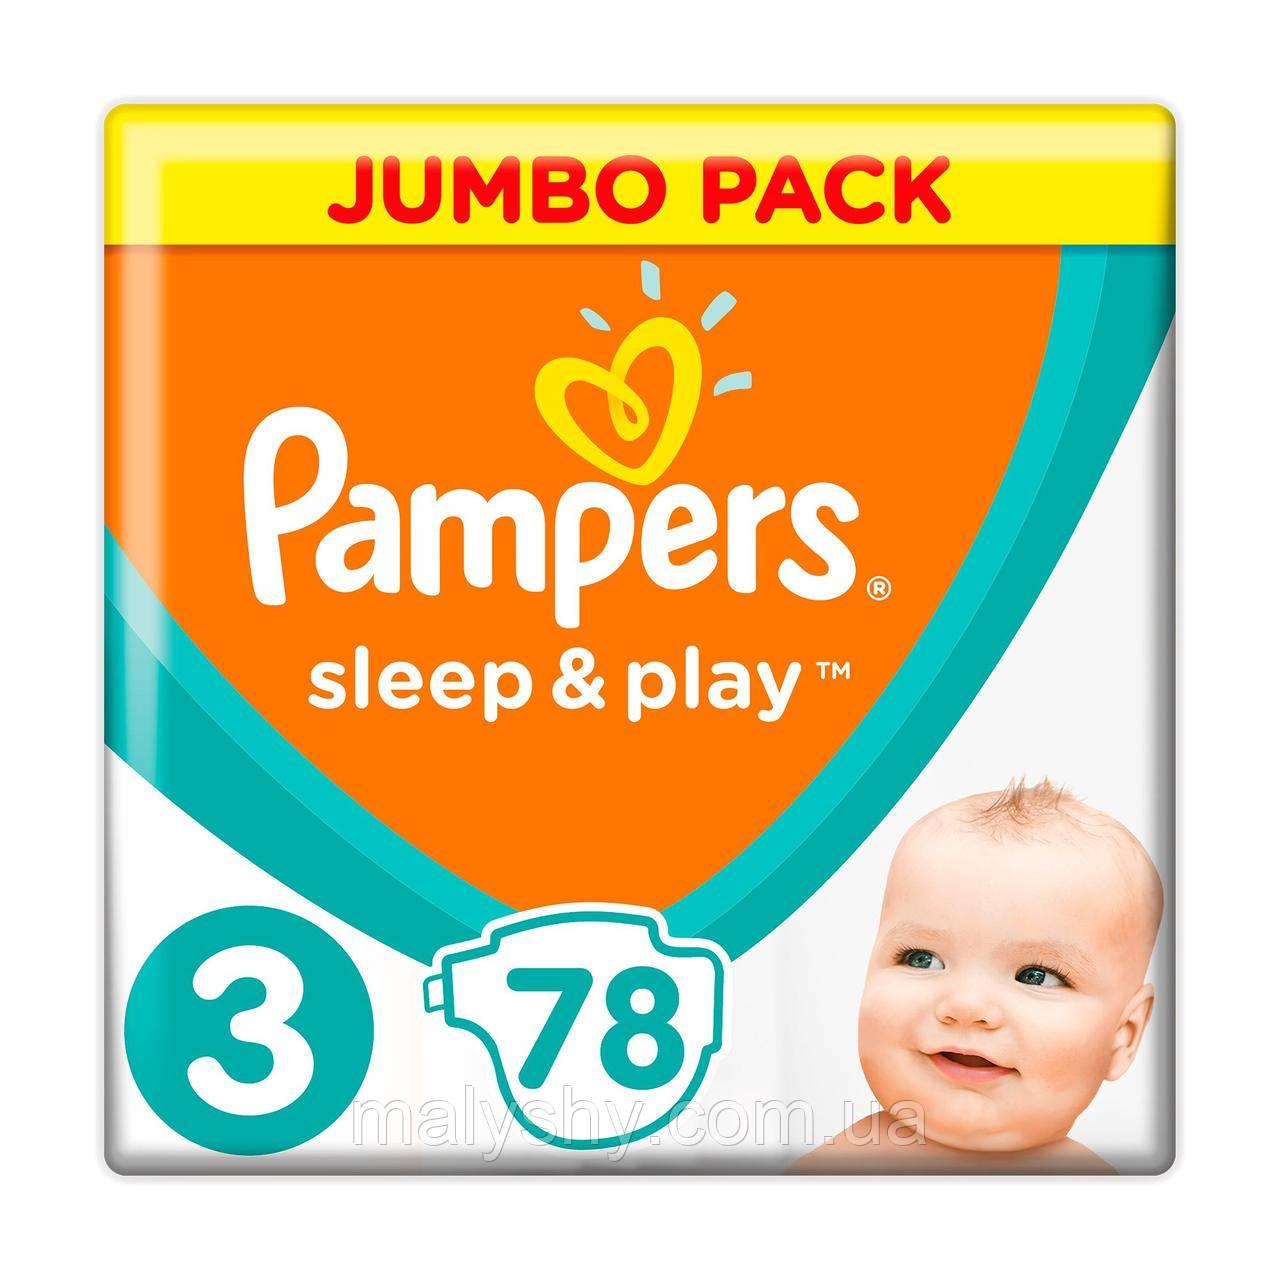 Подгузники Pampers Sleep & Play Размер 3 (Midi) 6-10 кг, 78 подгузников